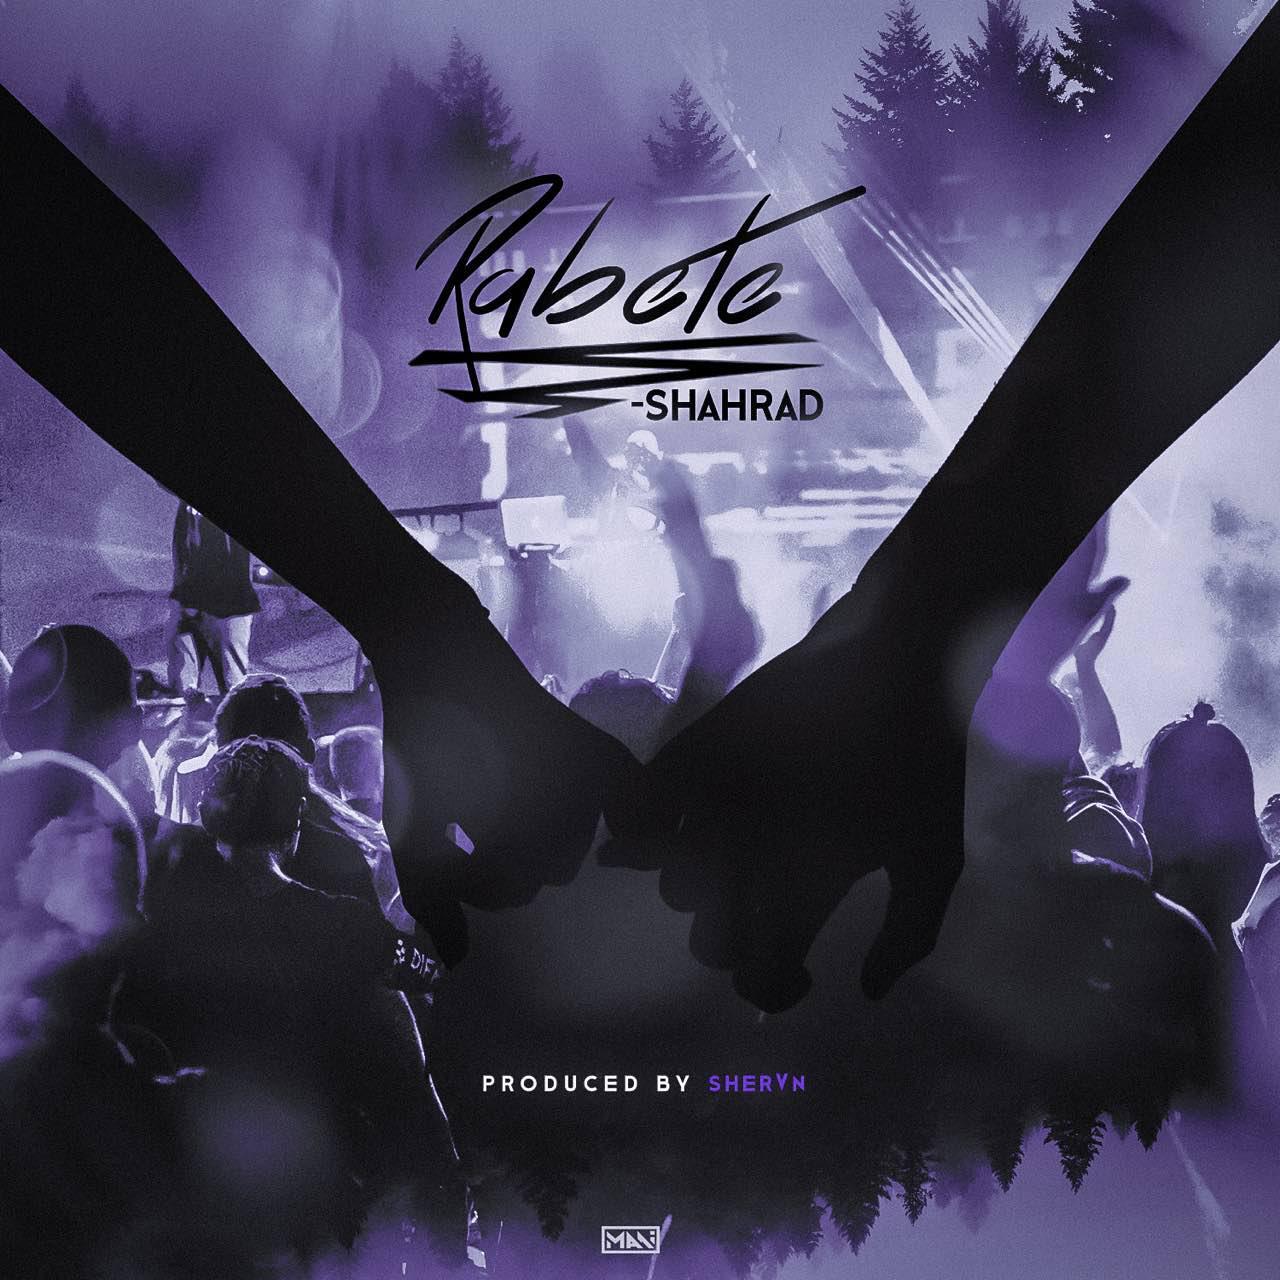 Shahrad – Rabete